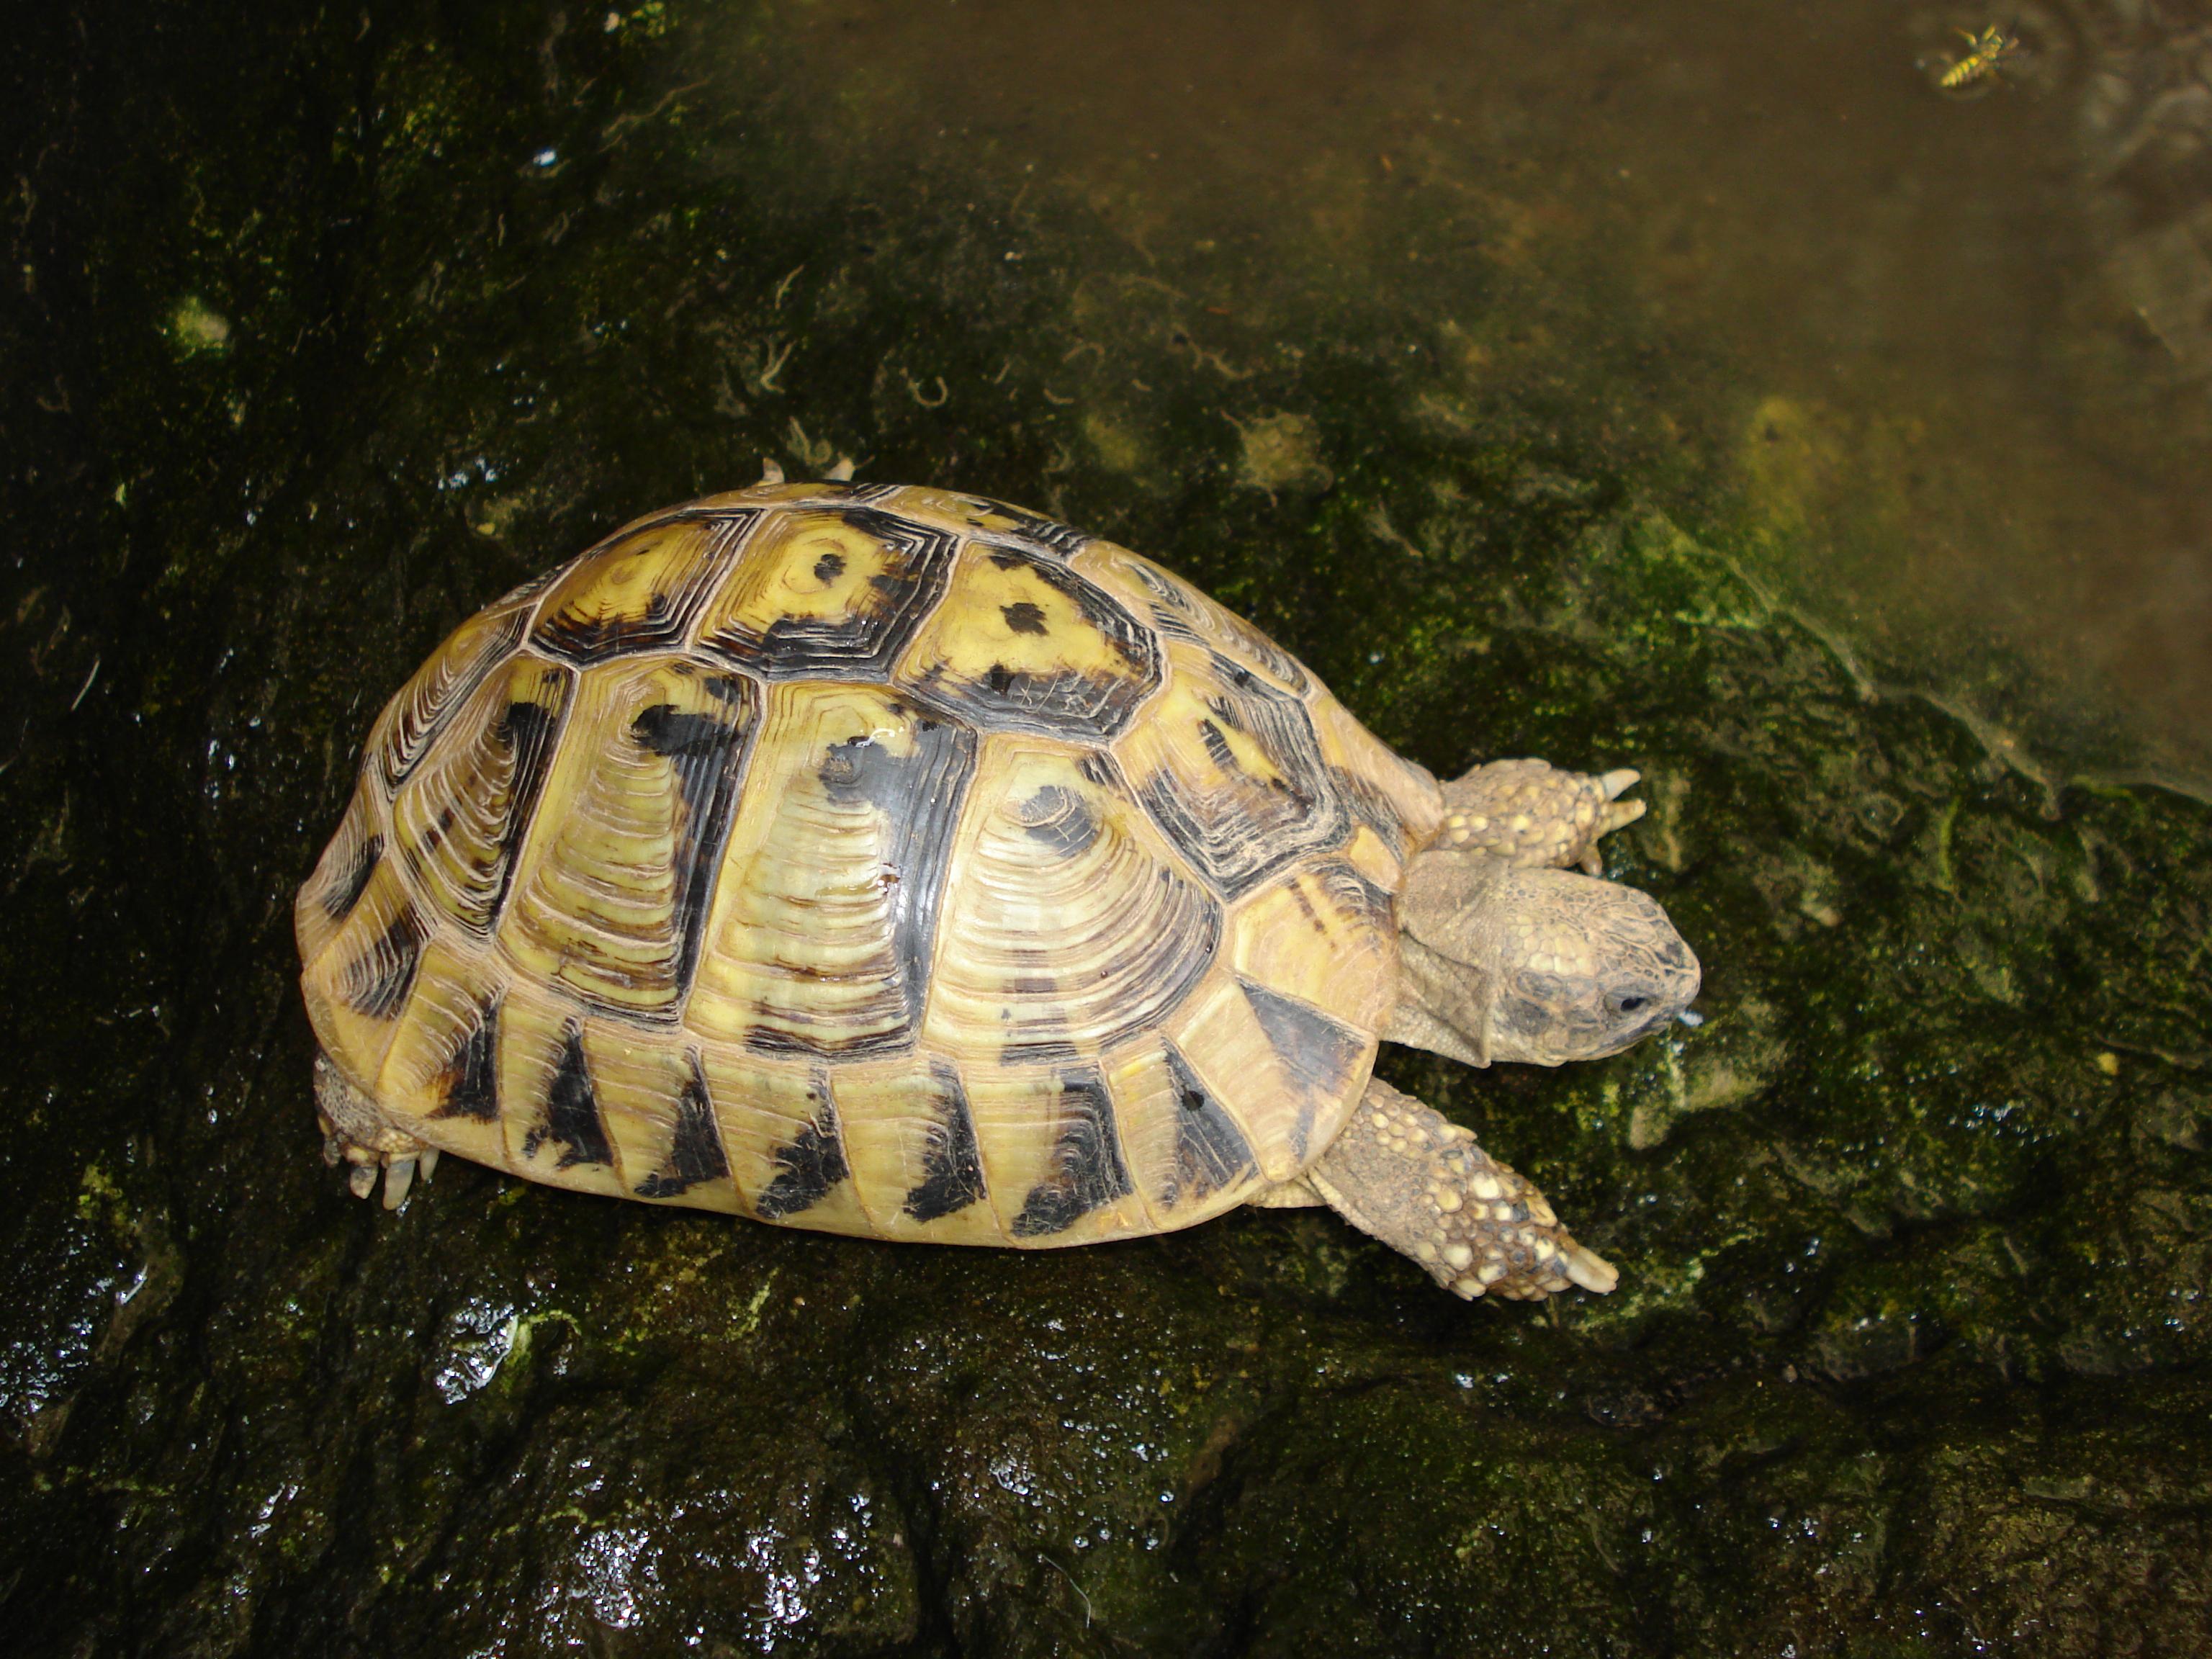 Tortue wikimini l 39 encyclop die pour enfants - Images tortue ...